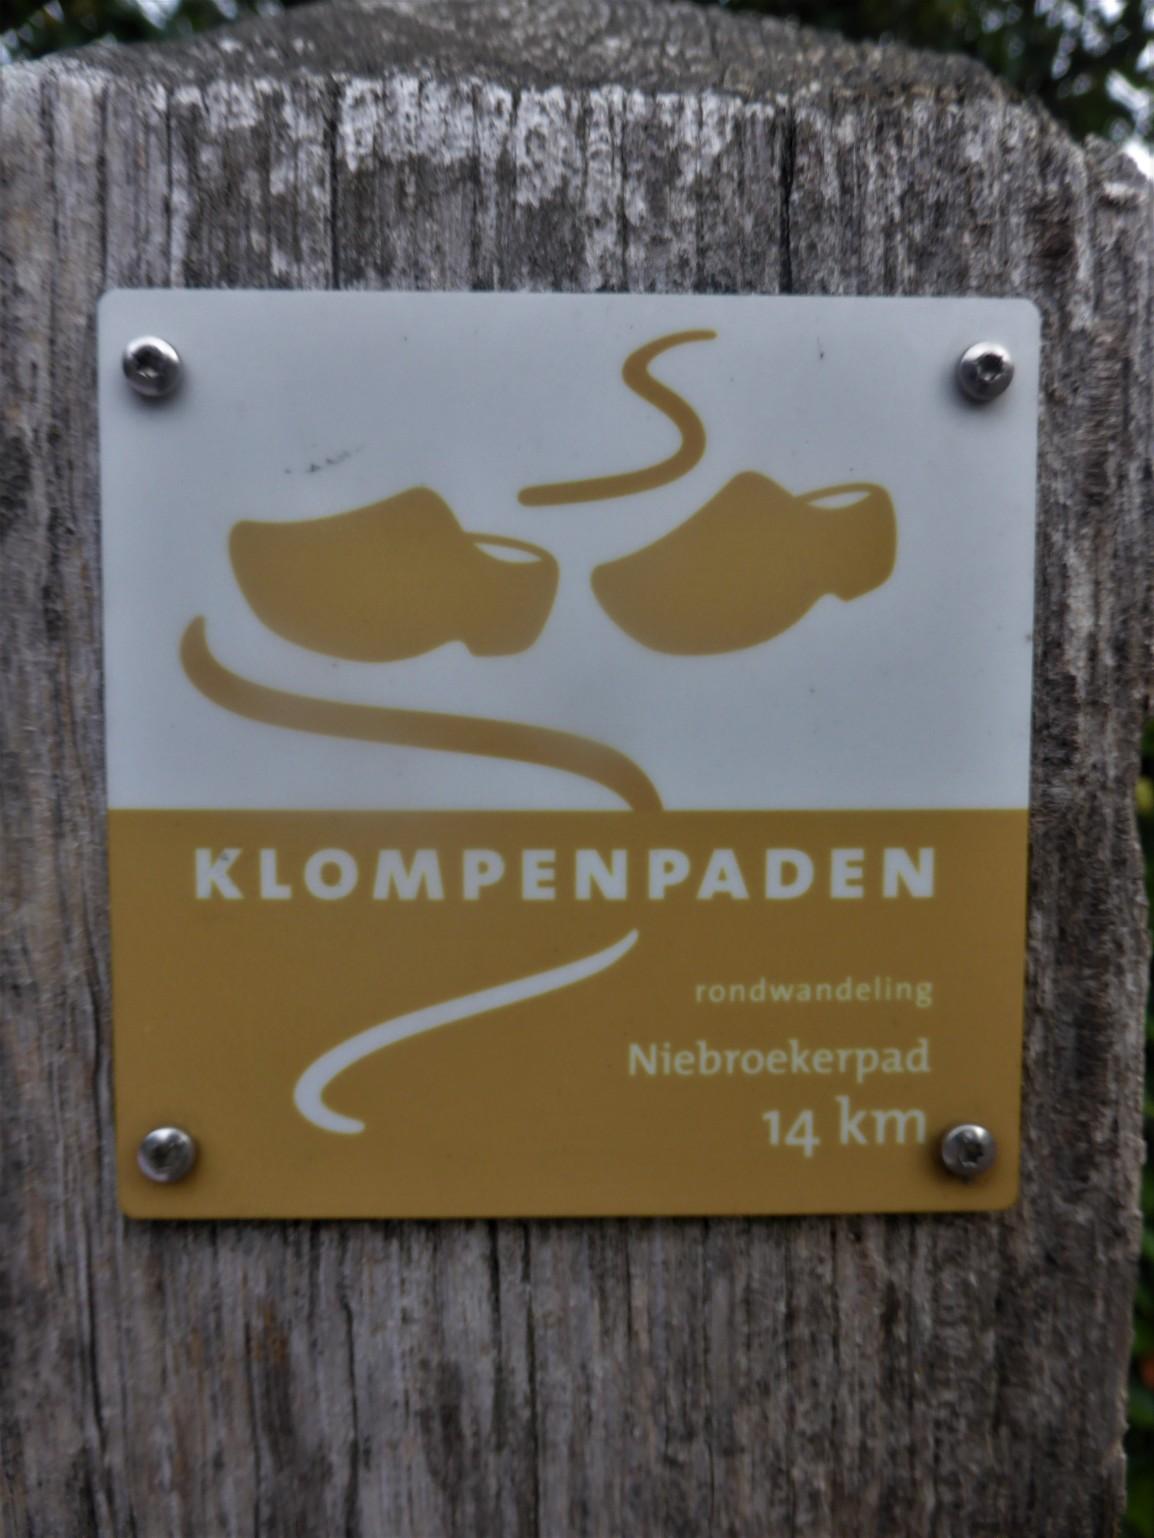 Klompenpad Niebroekerpad